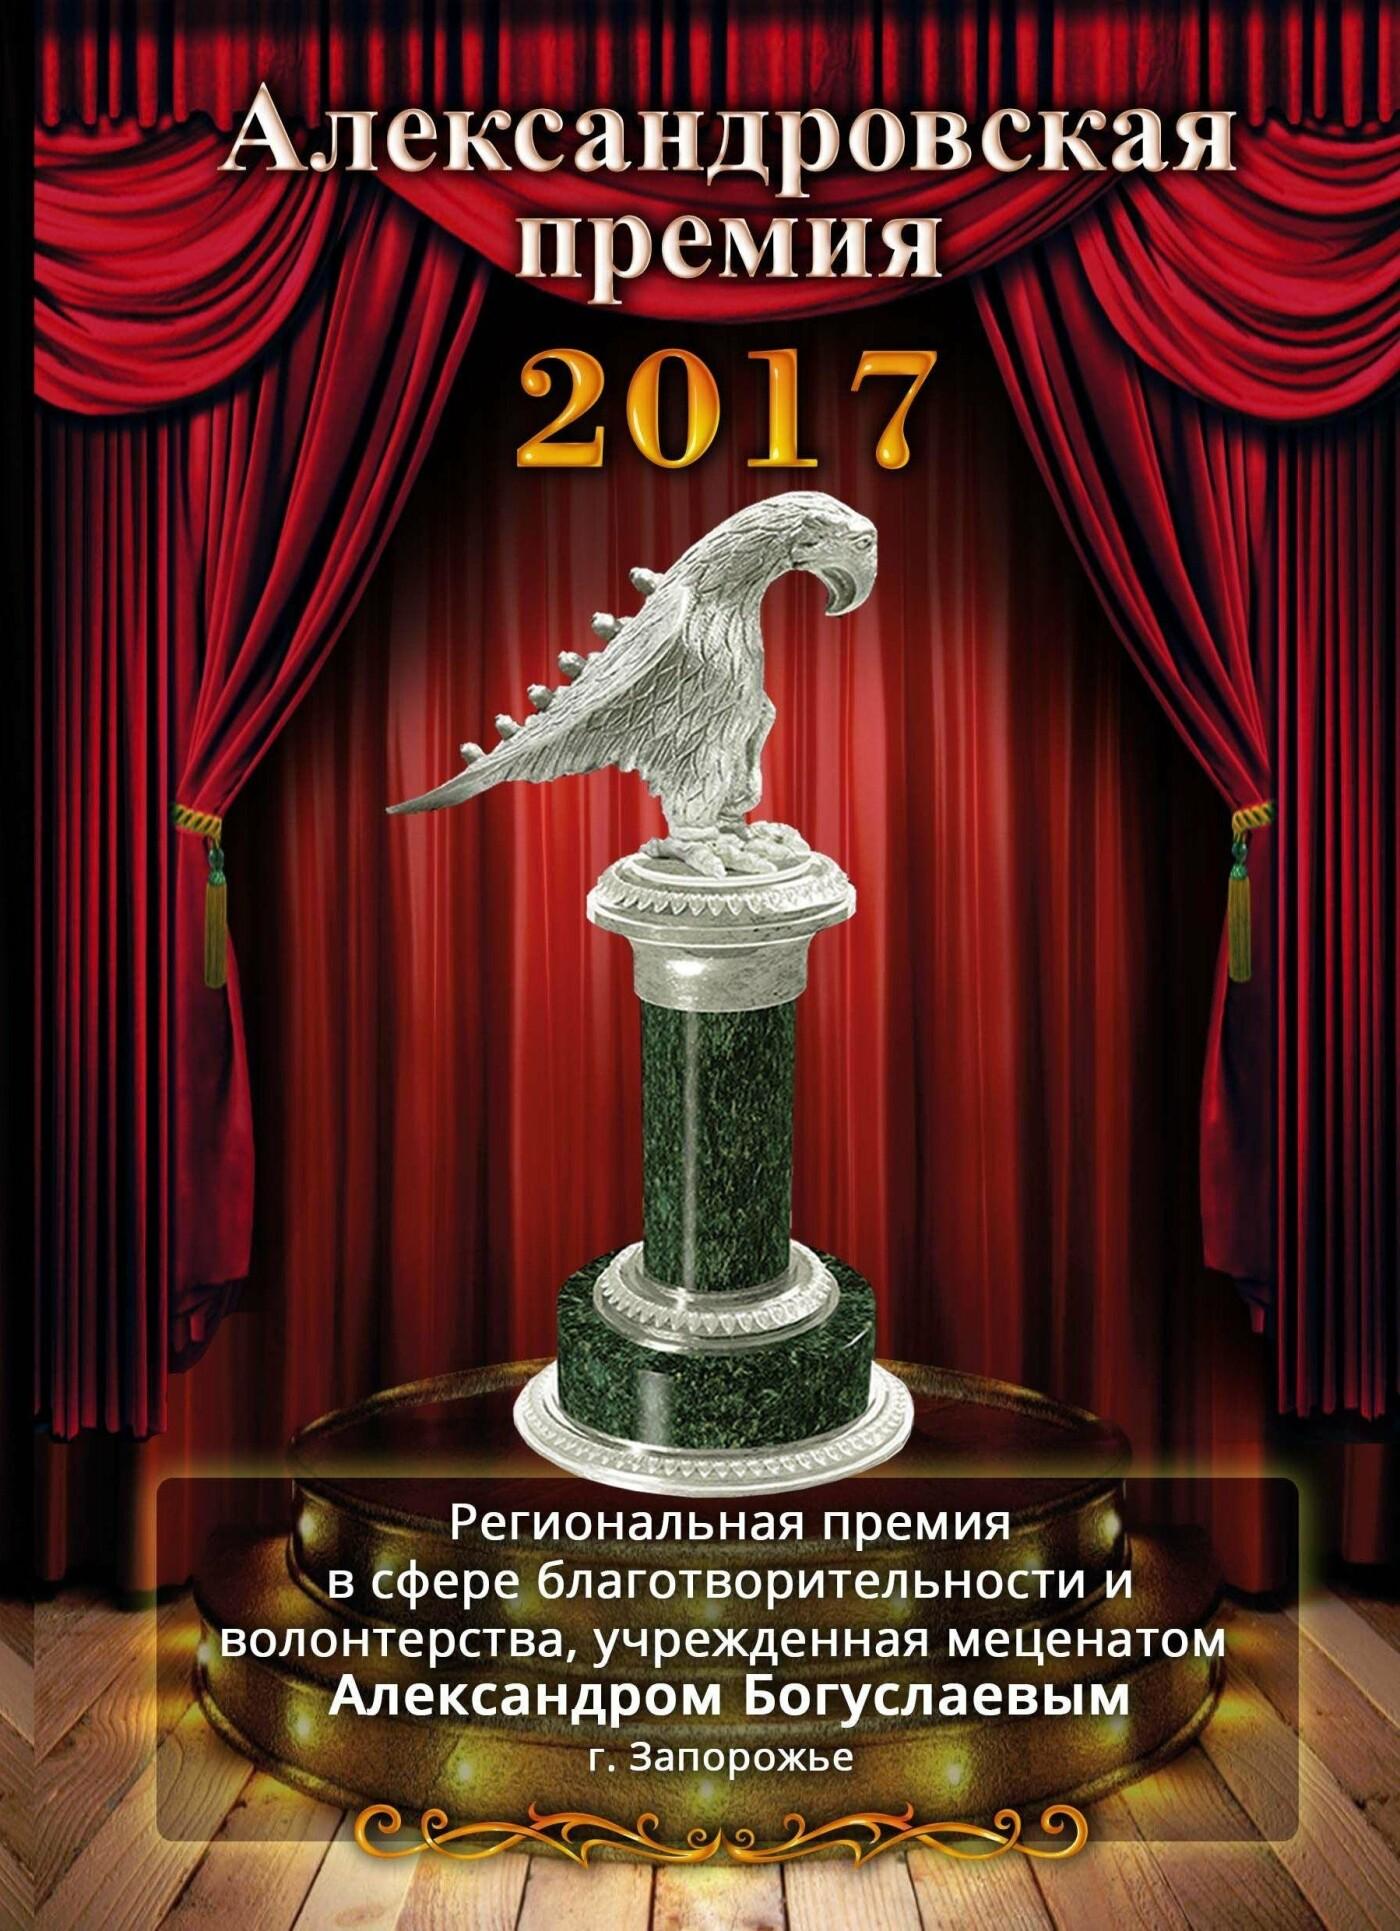 В Запорожье наградят победителей юбилейной «Александровской премии», учреждённой известным меценатом Александром Богуслаевым, фото-5